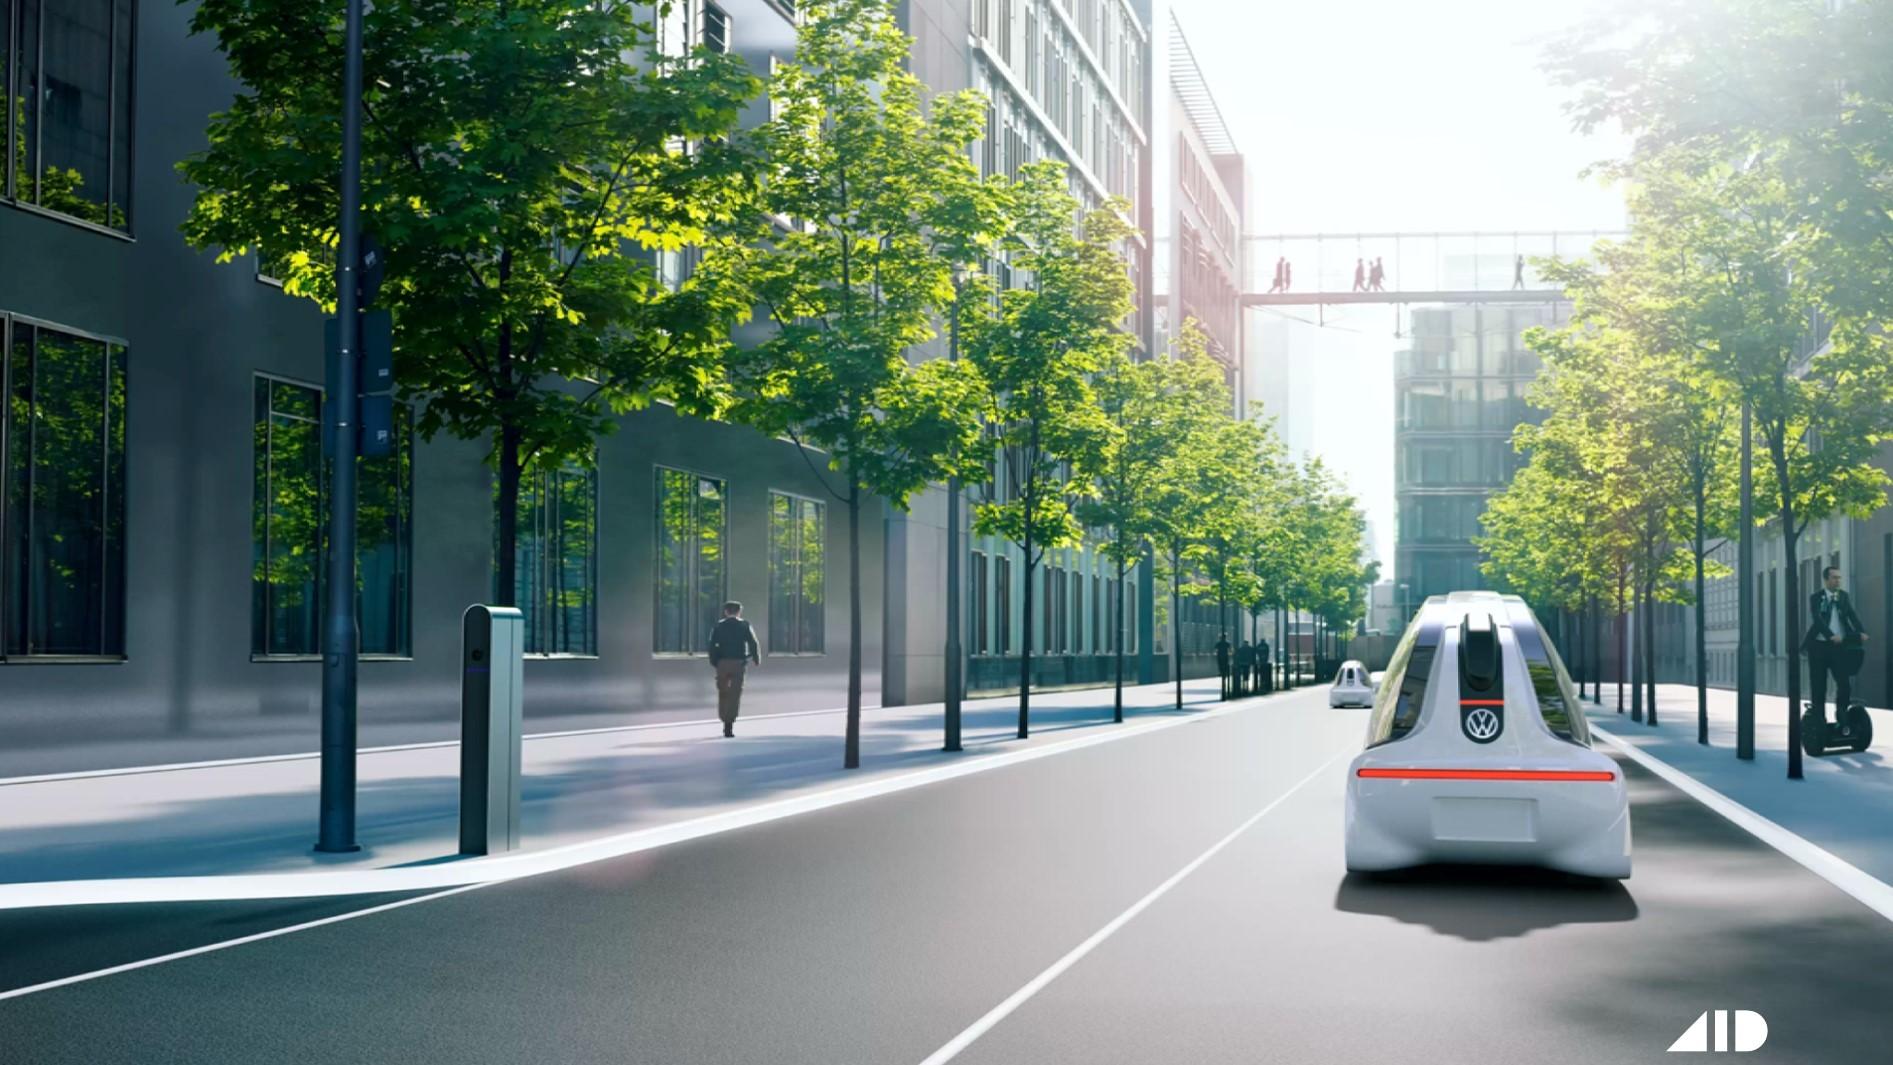 Je avtonomna vožnja le mit, omrežje 5G pa realnost?